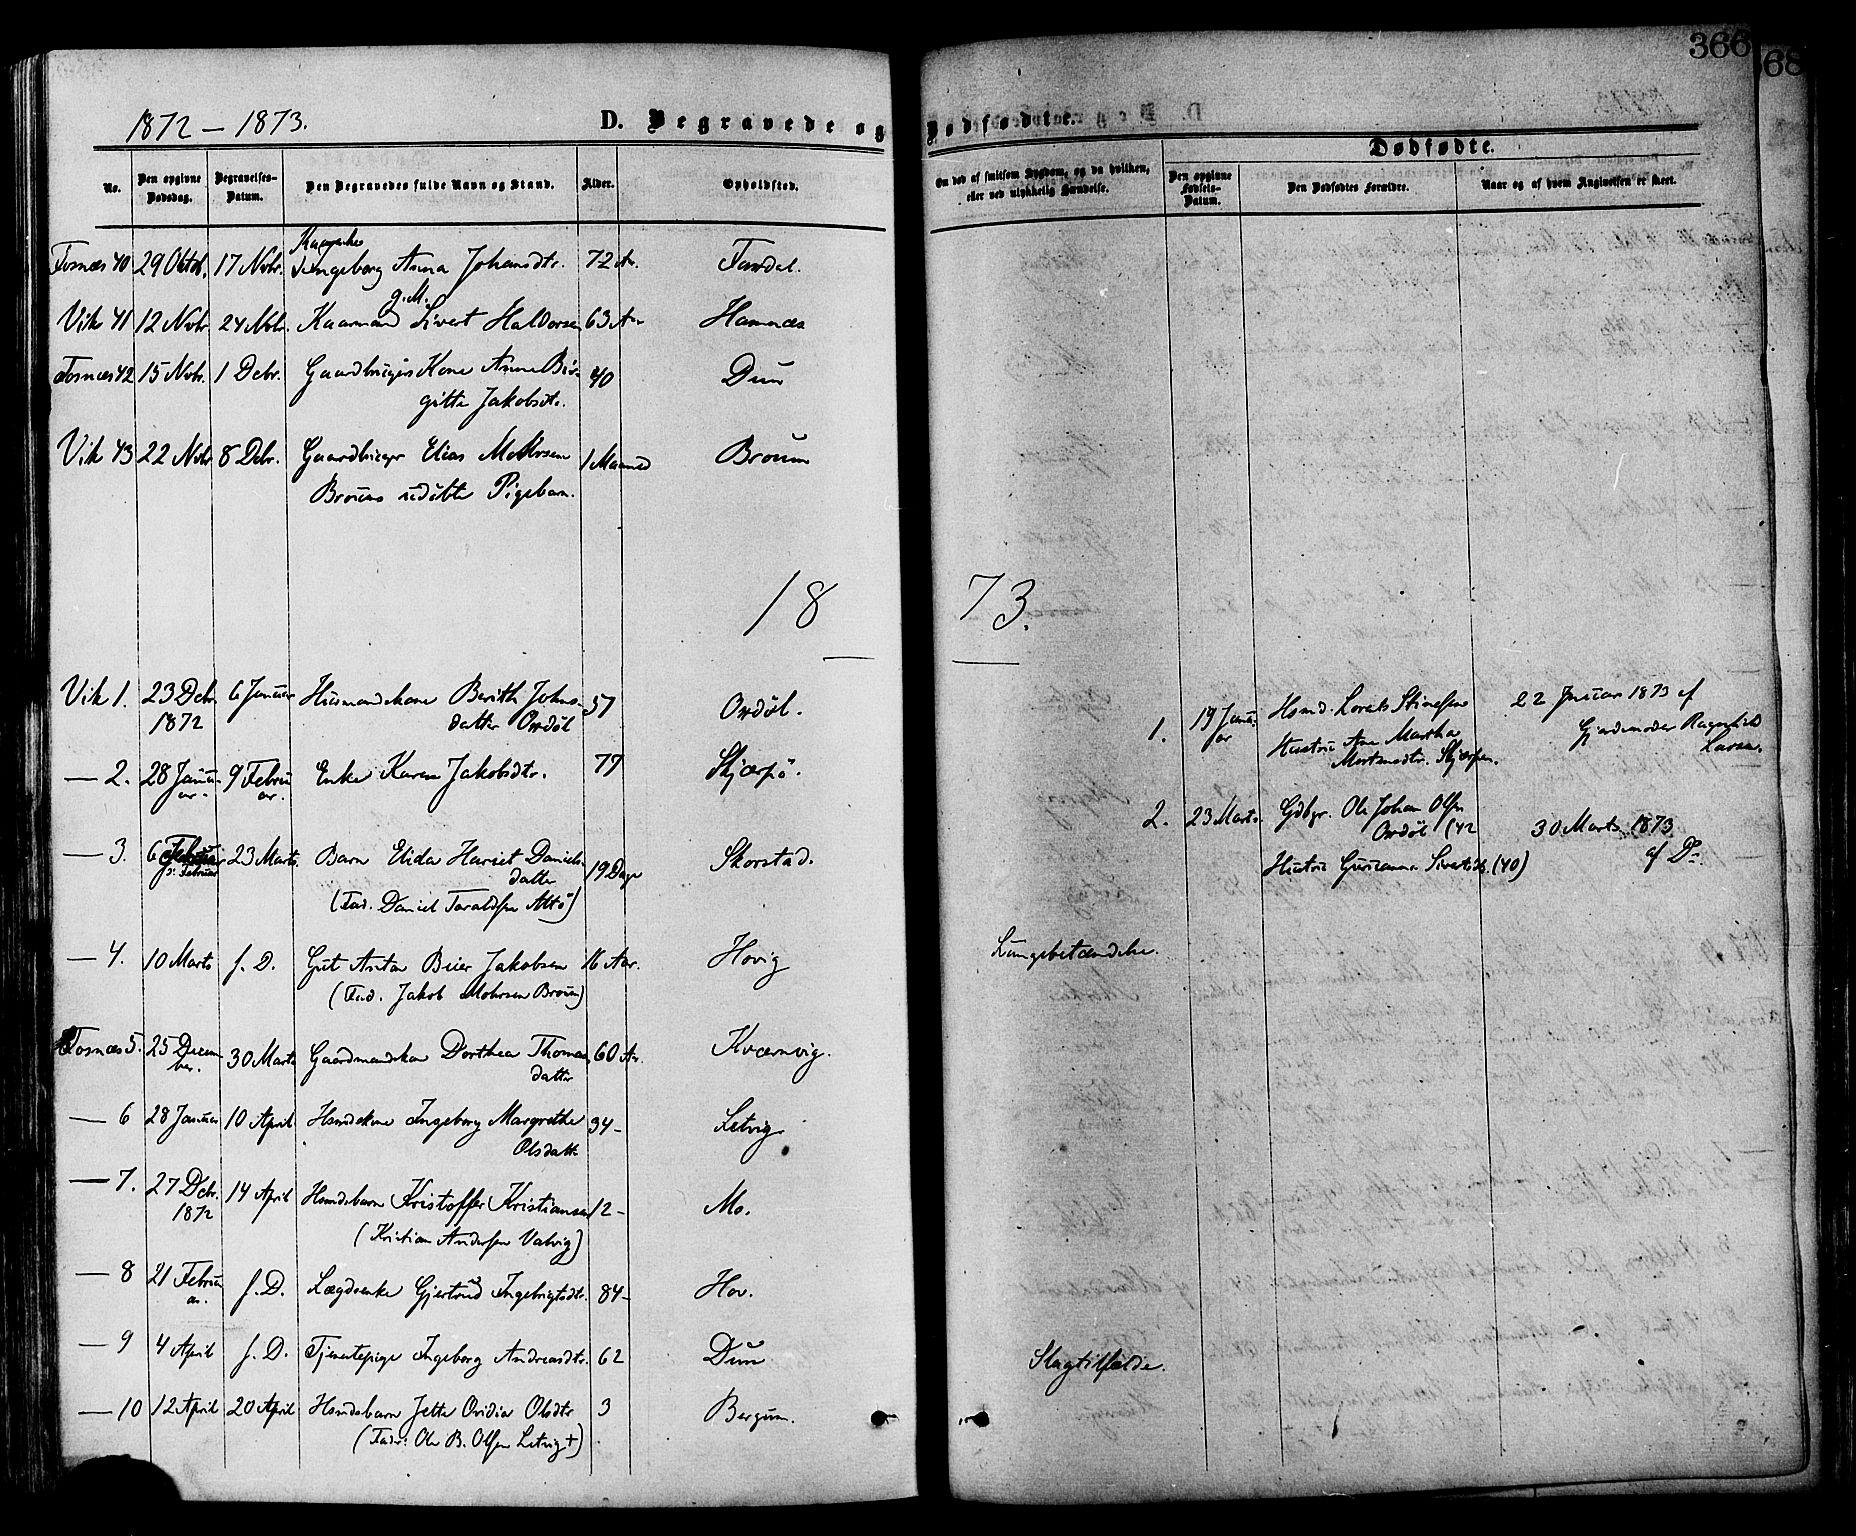 SAT, Ministerialprotokoller, klokkerbøker og fødselsregistre - Nord-Trøndelag, 773/L0616: Ministerialbok nr. 773A07, 1870-1887, s. 366